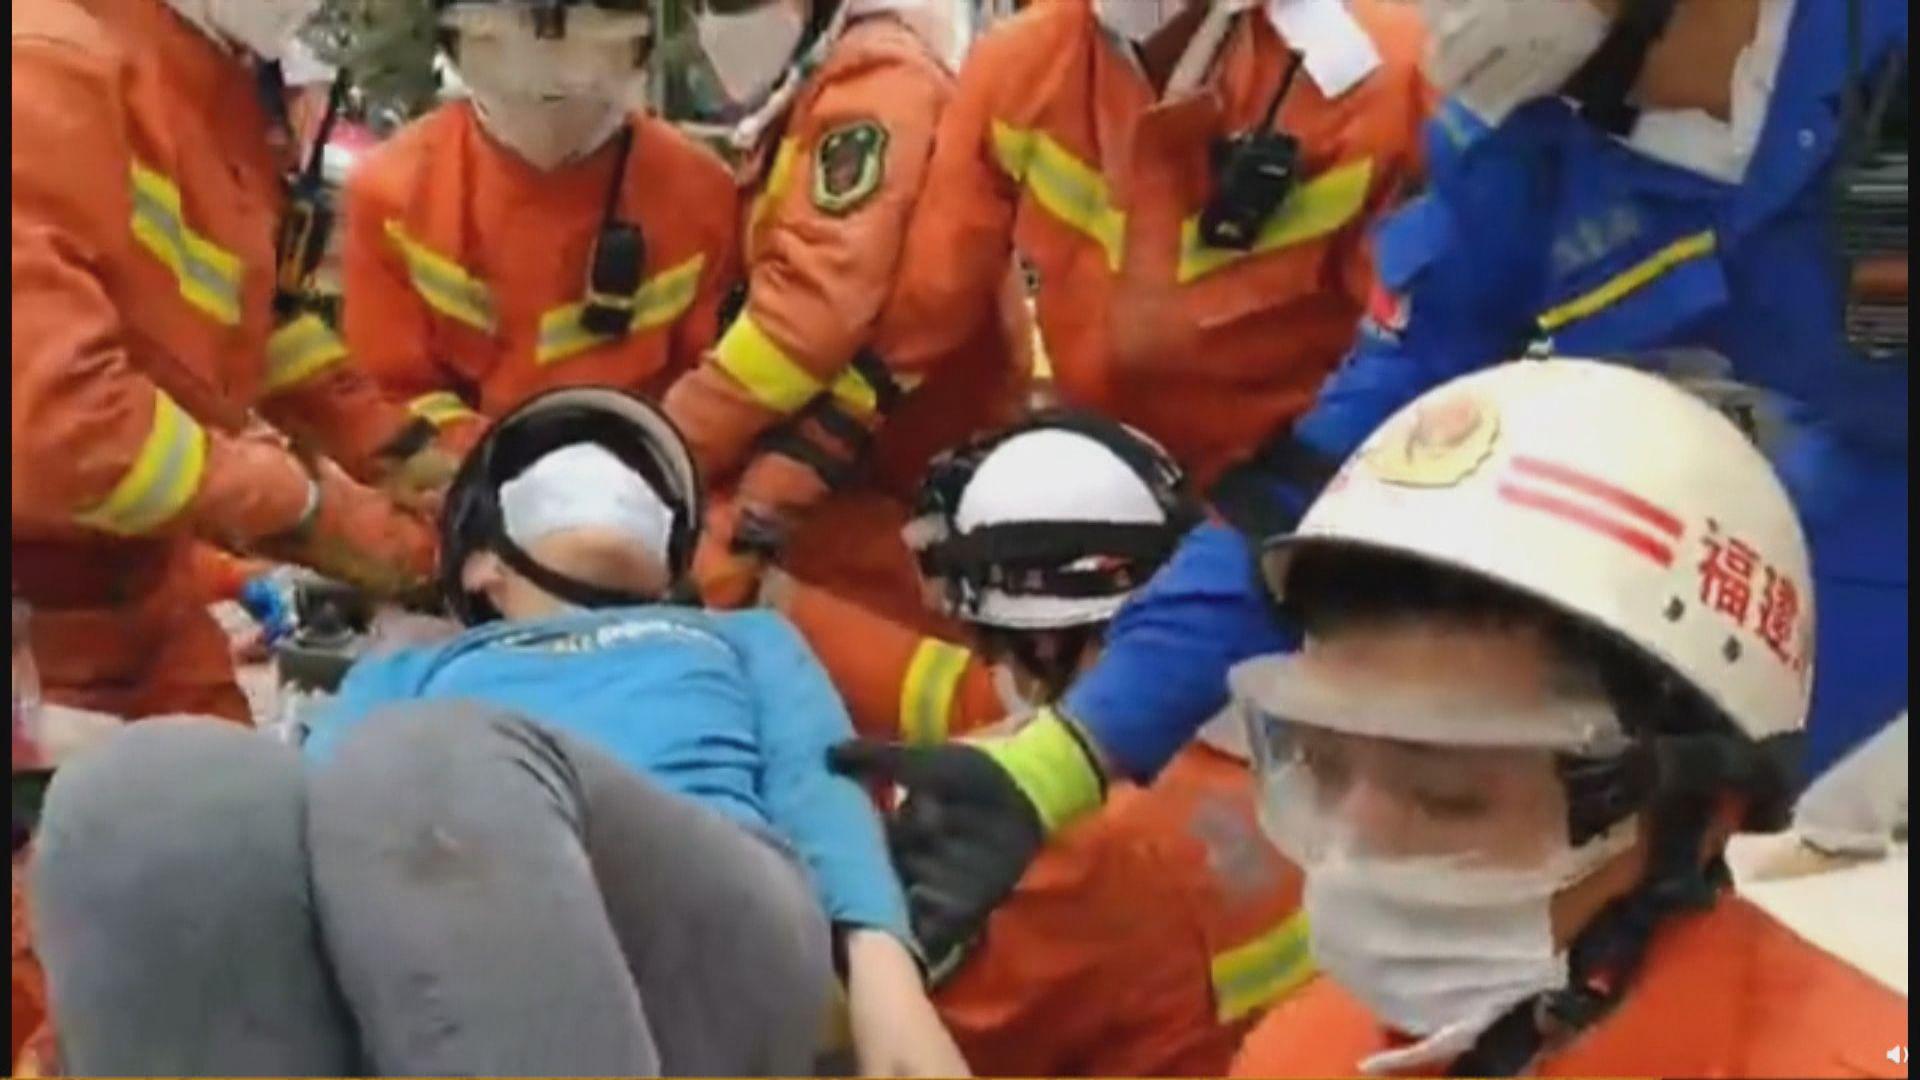 福建泉州密切接觸者隔離點酒店倒塌 至少四死五重傷